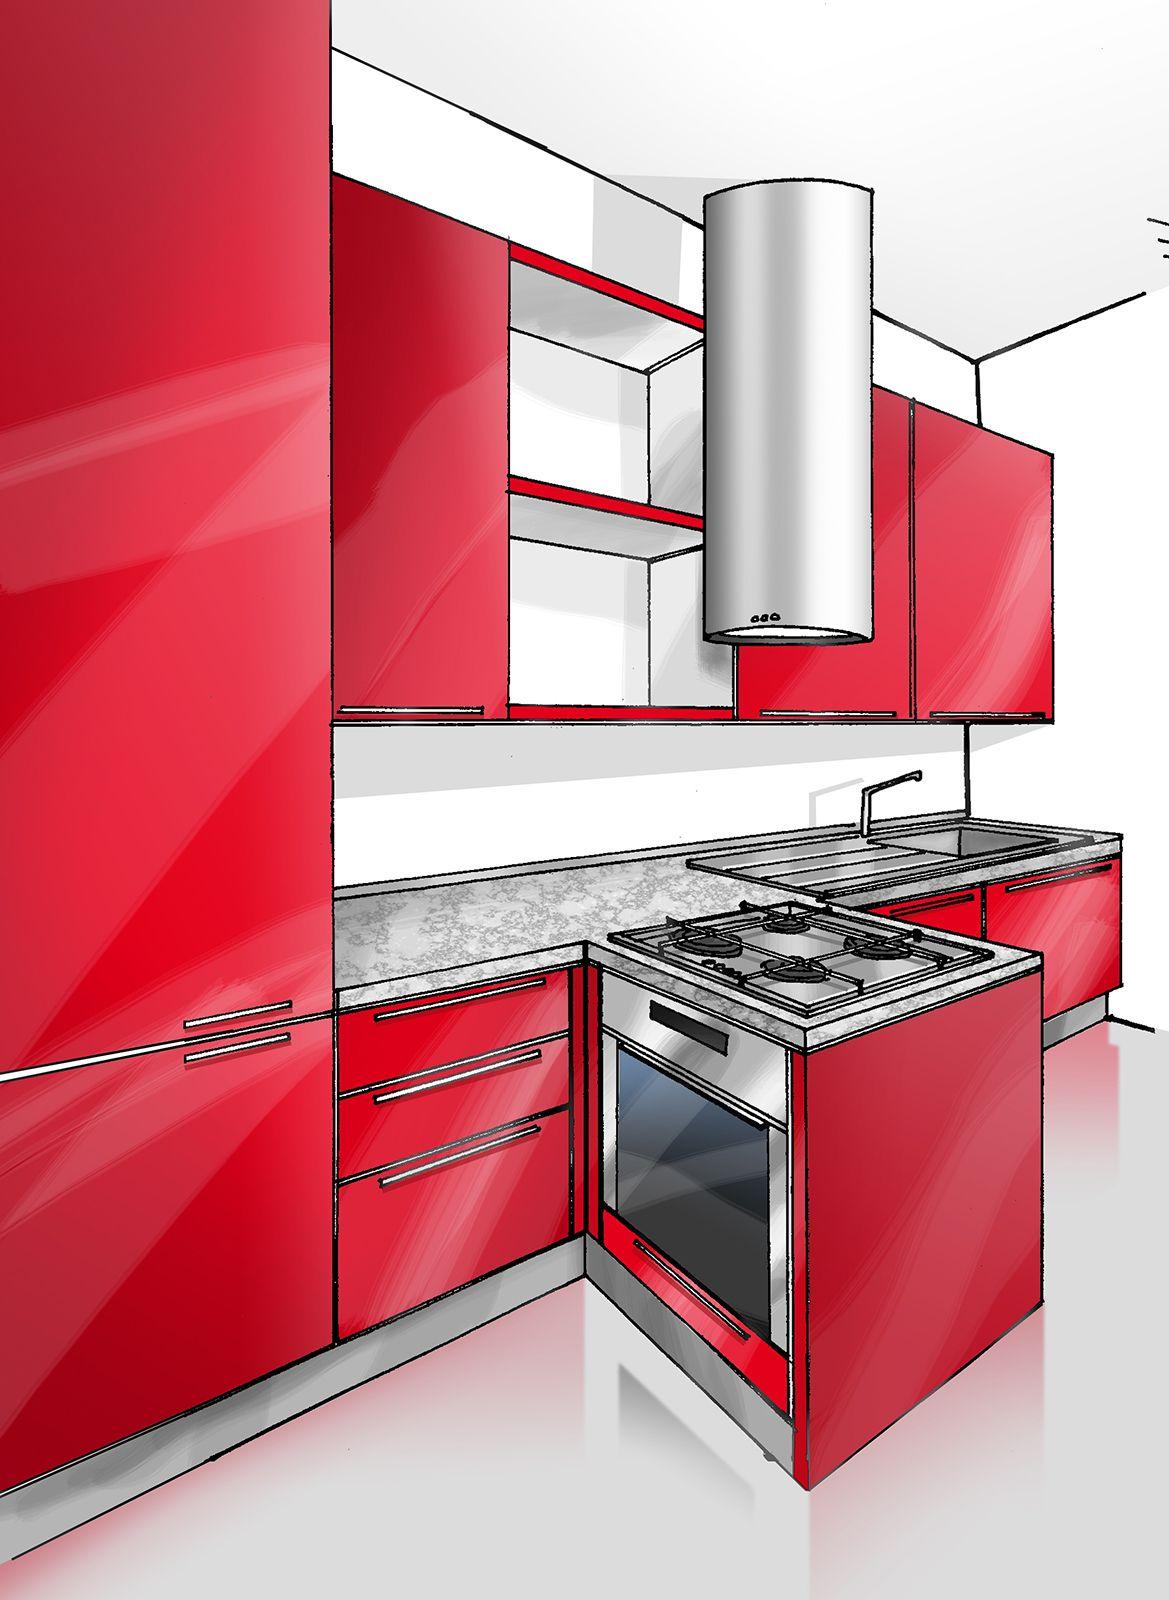 Mobiletto Per Appoggiare Microonde cucina concentrata in 3 metri   cucine, case e cucine piccole